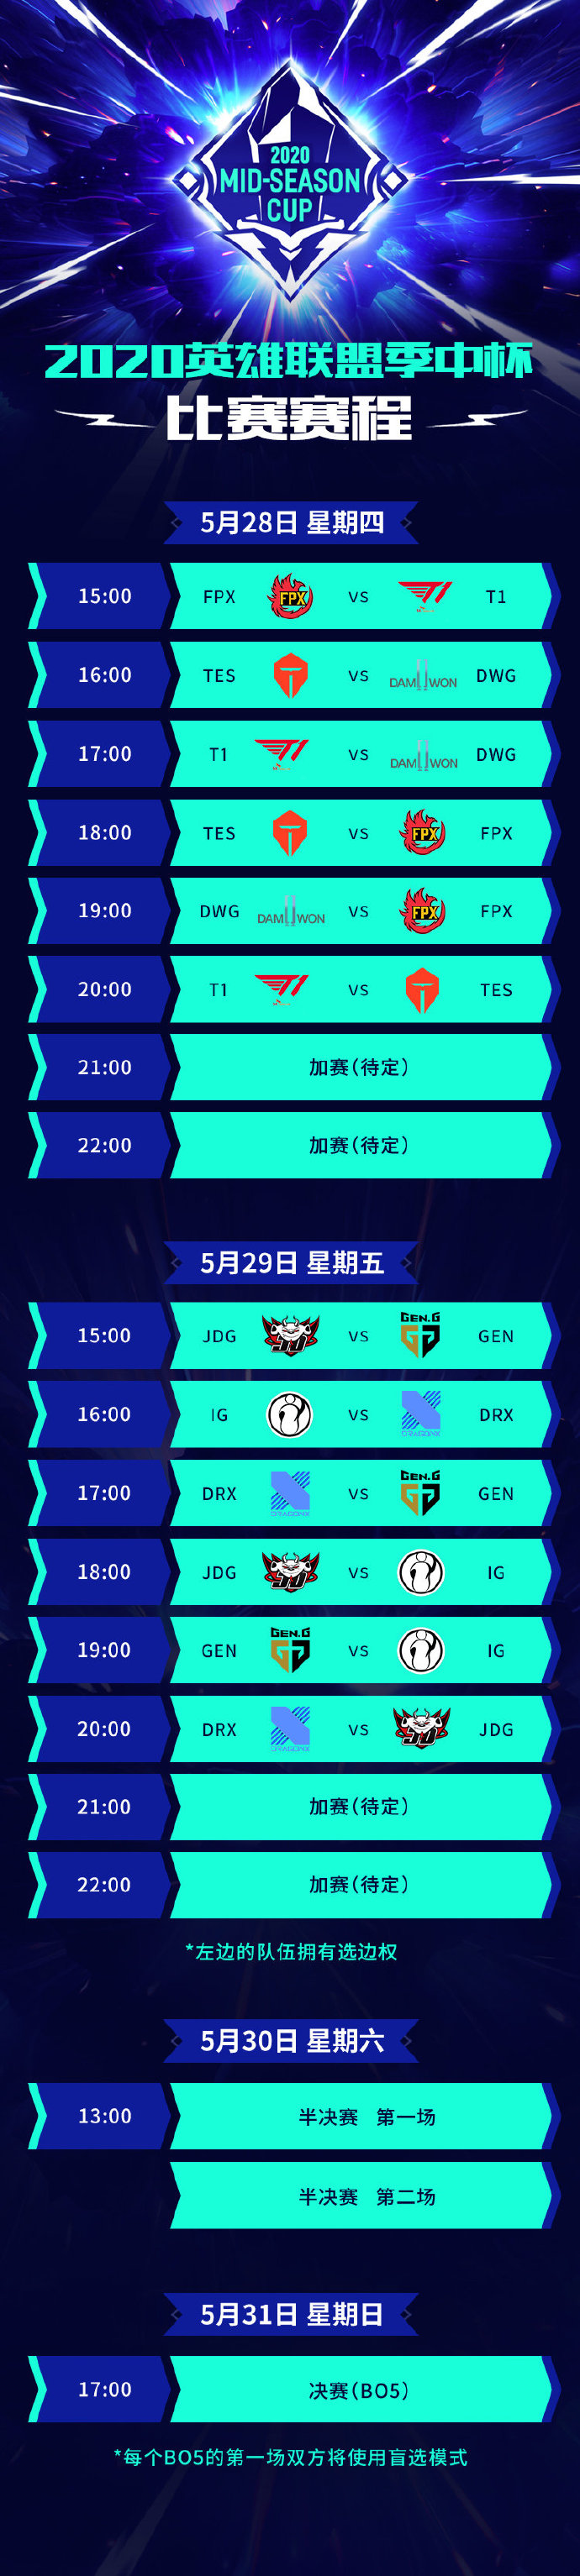 2020季中杯赛程出炉:揭幕战FPX大战T1